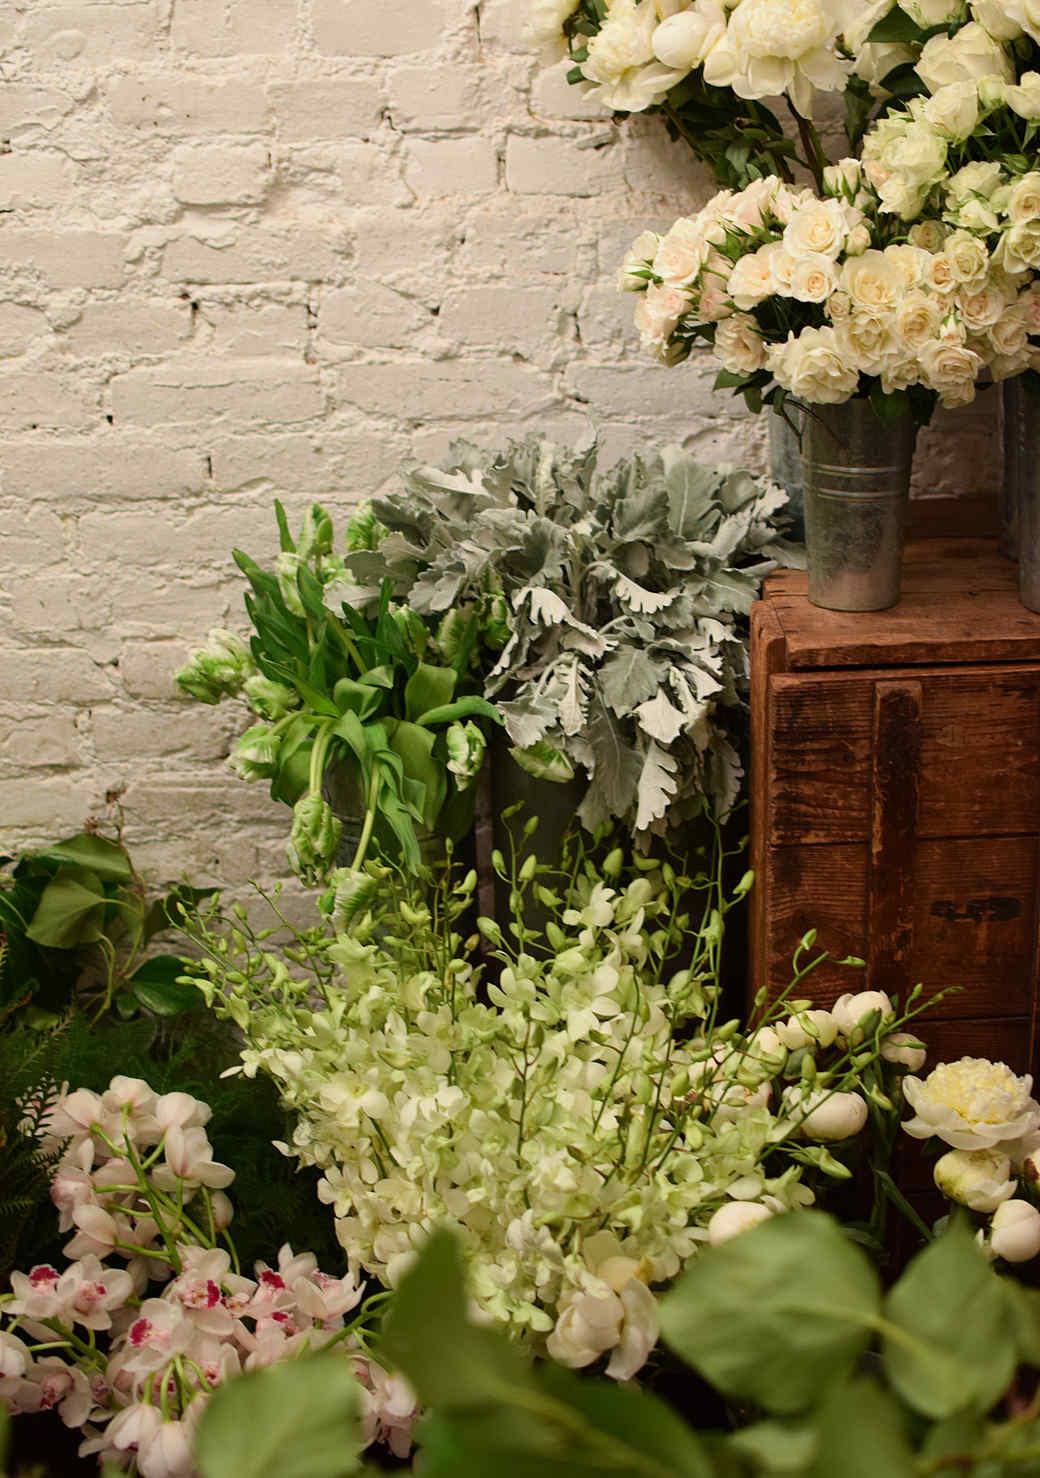 flowergirl-nyc-lm-visit-0316-6.jpg (skyword:244860)